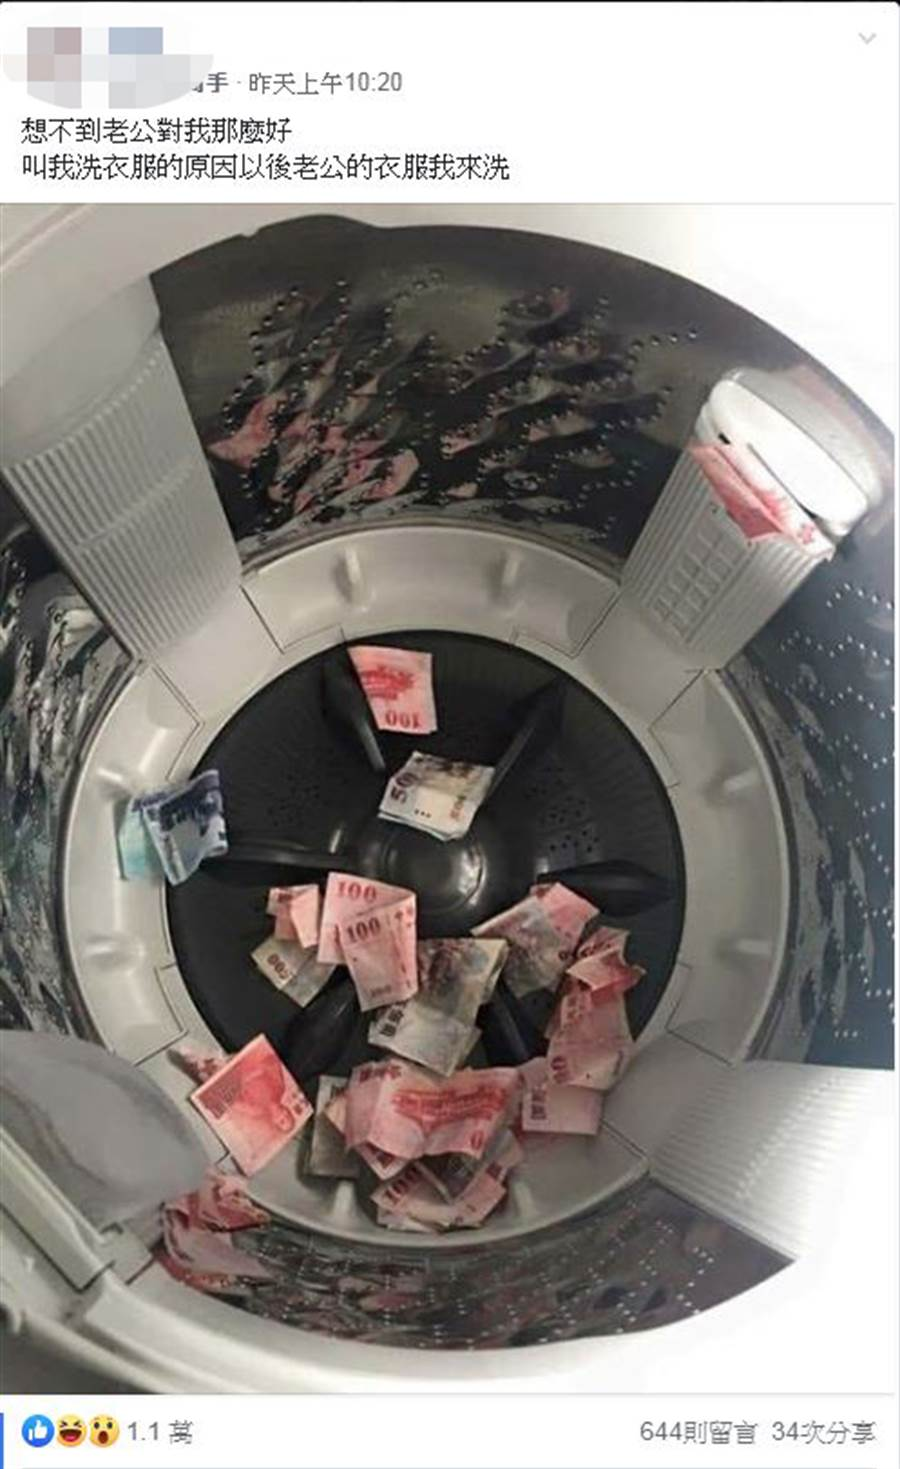 只見洗衣槽裡好幾張千元及百元鈔,目測應該有5、6千元,也意外變成她的零用錢(圖翻攝自/爆廢公社公開版)